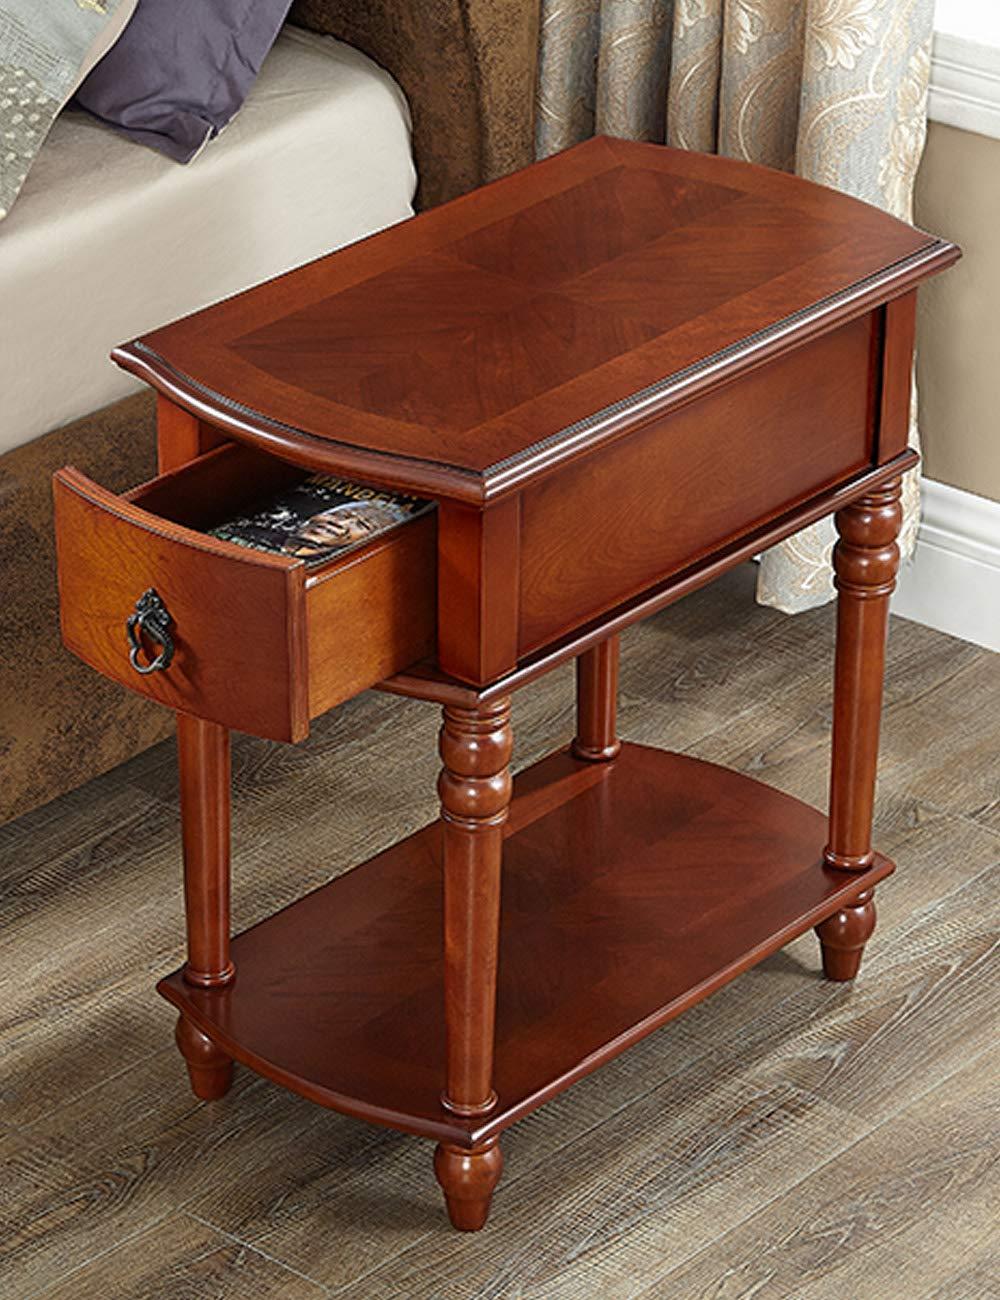 Amazon.com: Sofá lateral/lateral armario/salón pequeño mesa ...